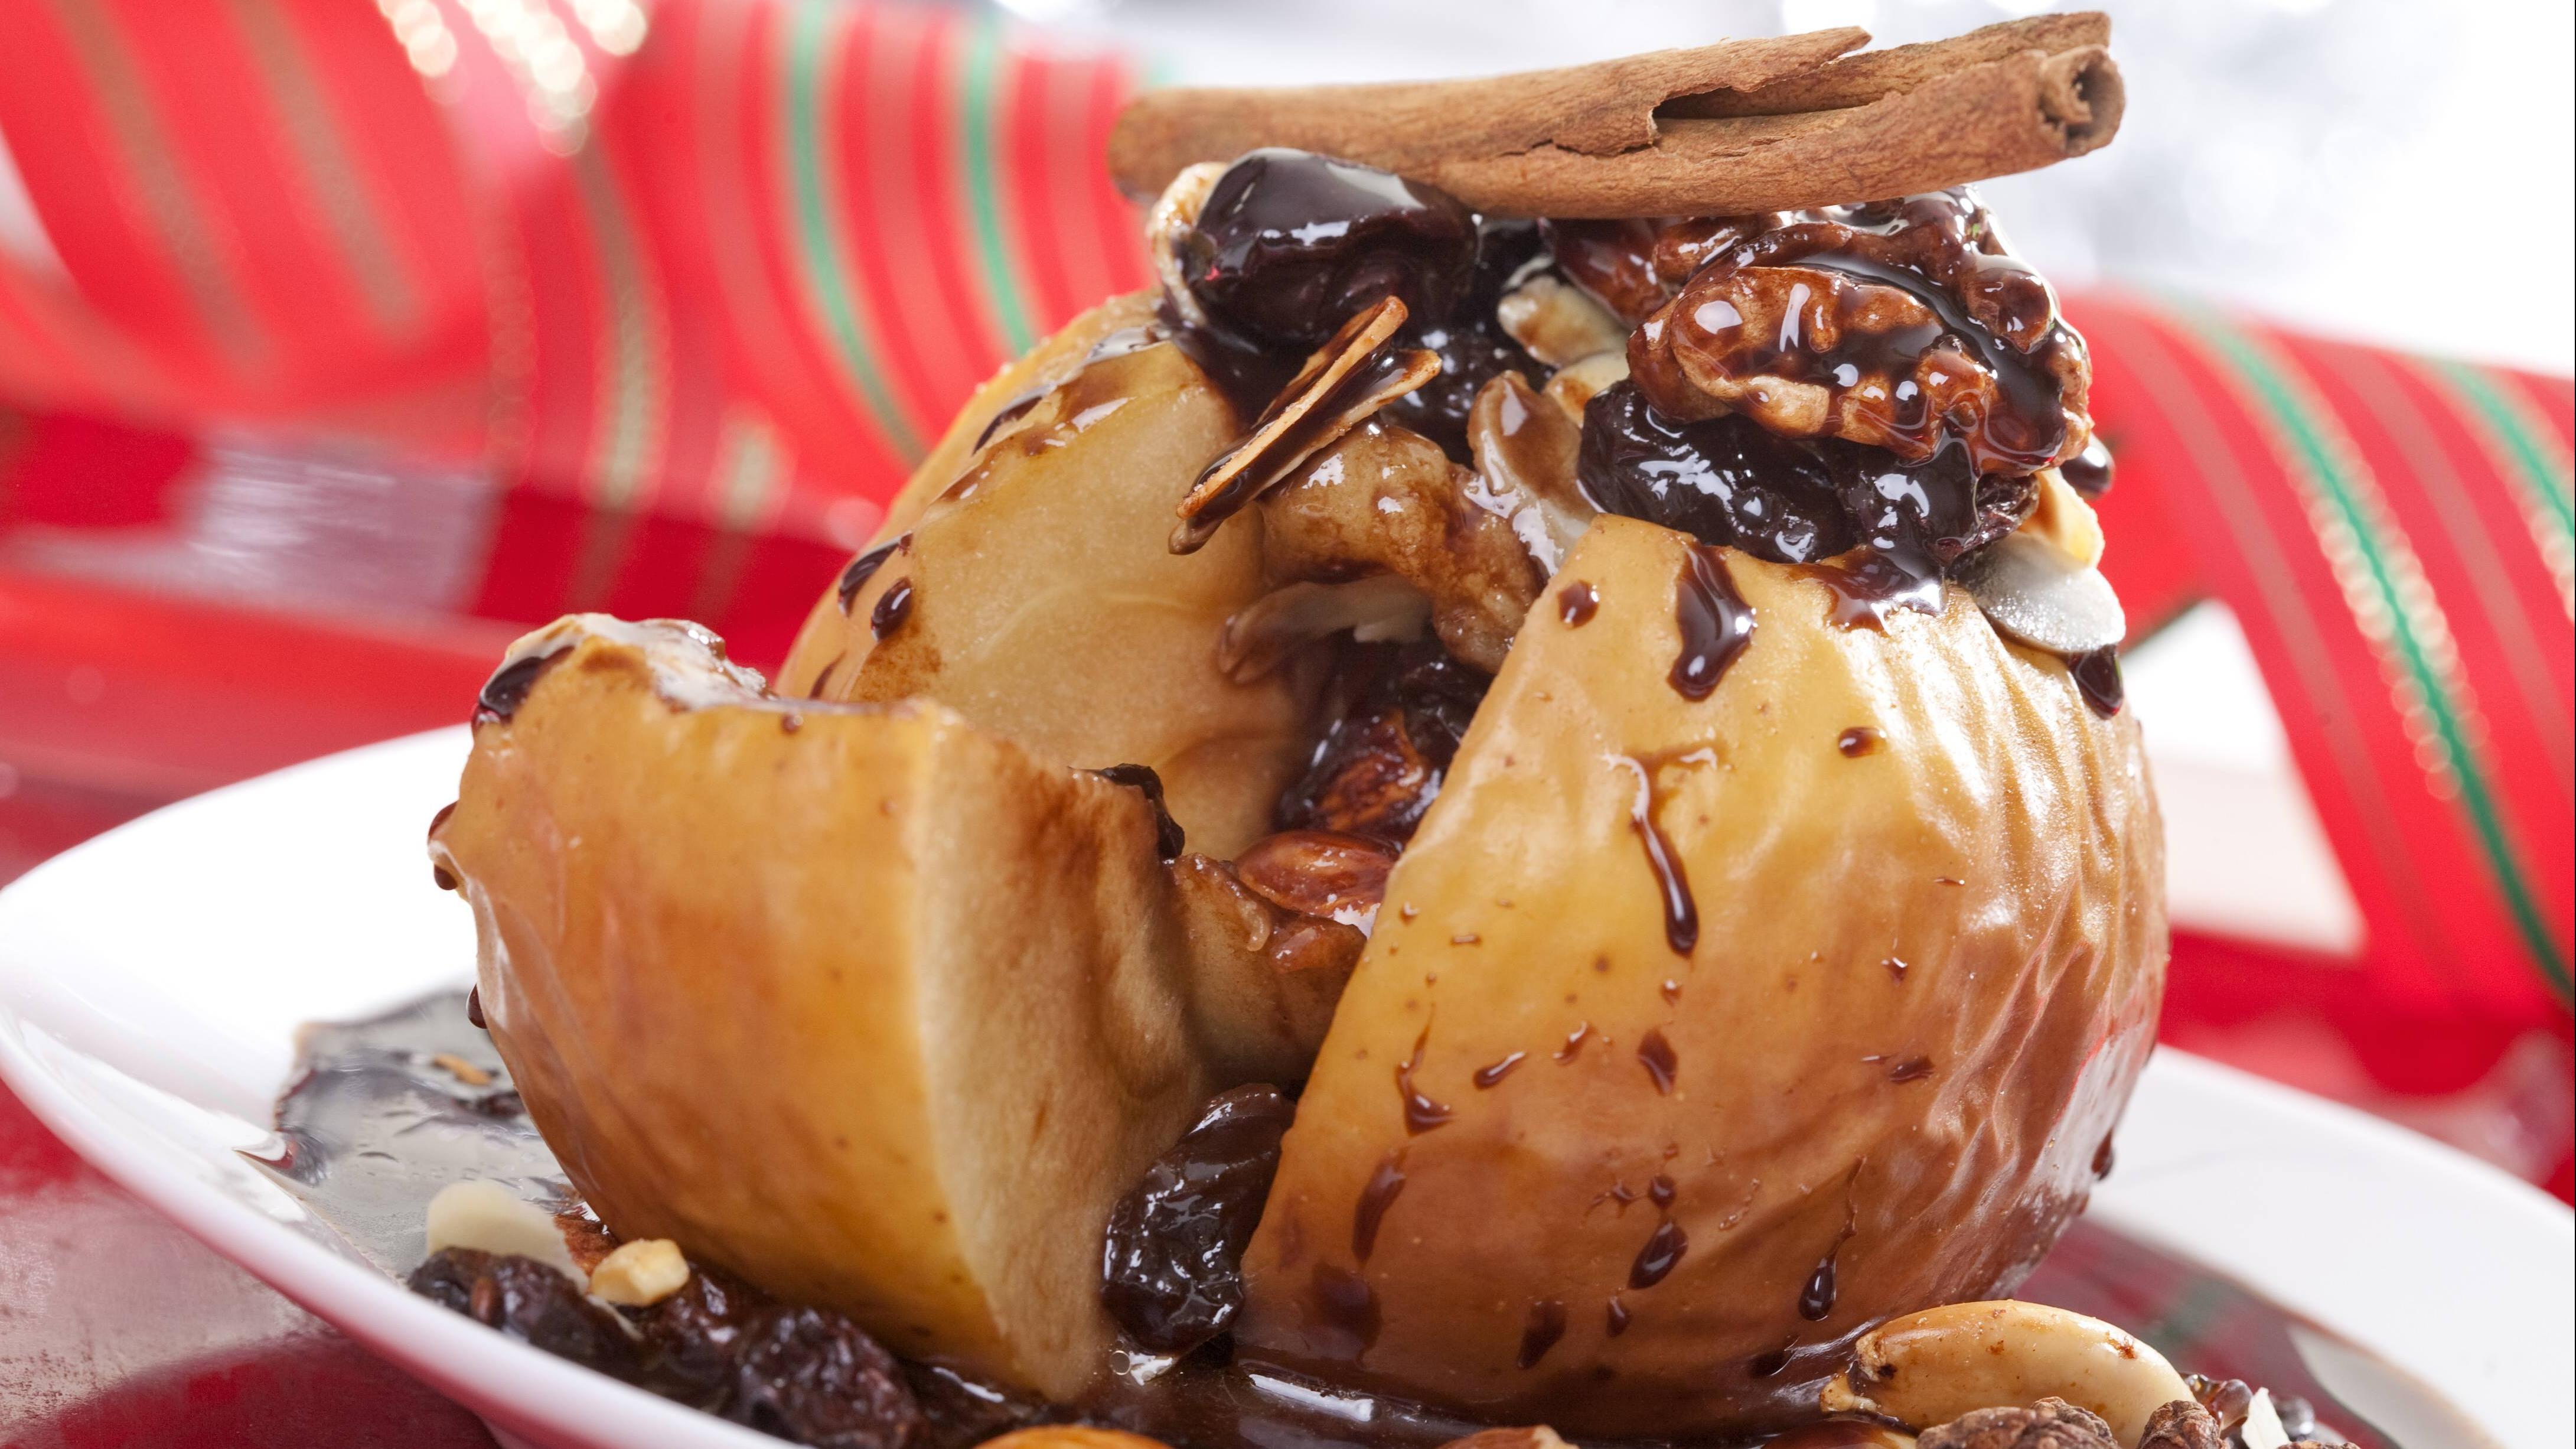 Bratapfel eignet sich gut als weihnachtliches Dessert